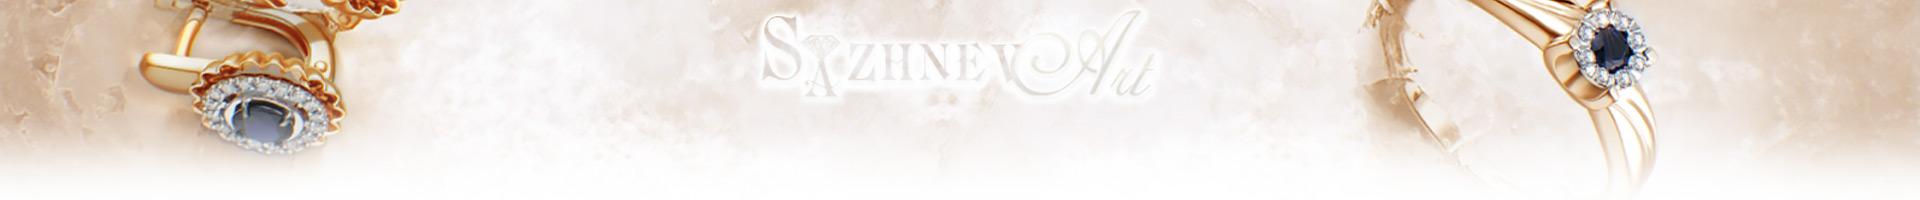 sazhnev.art CH241